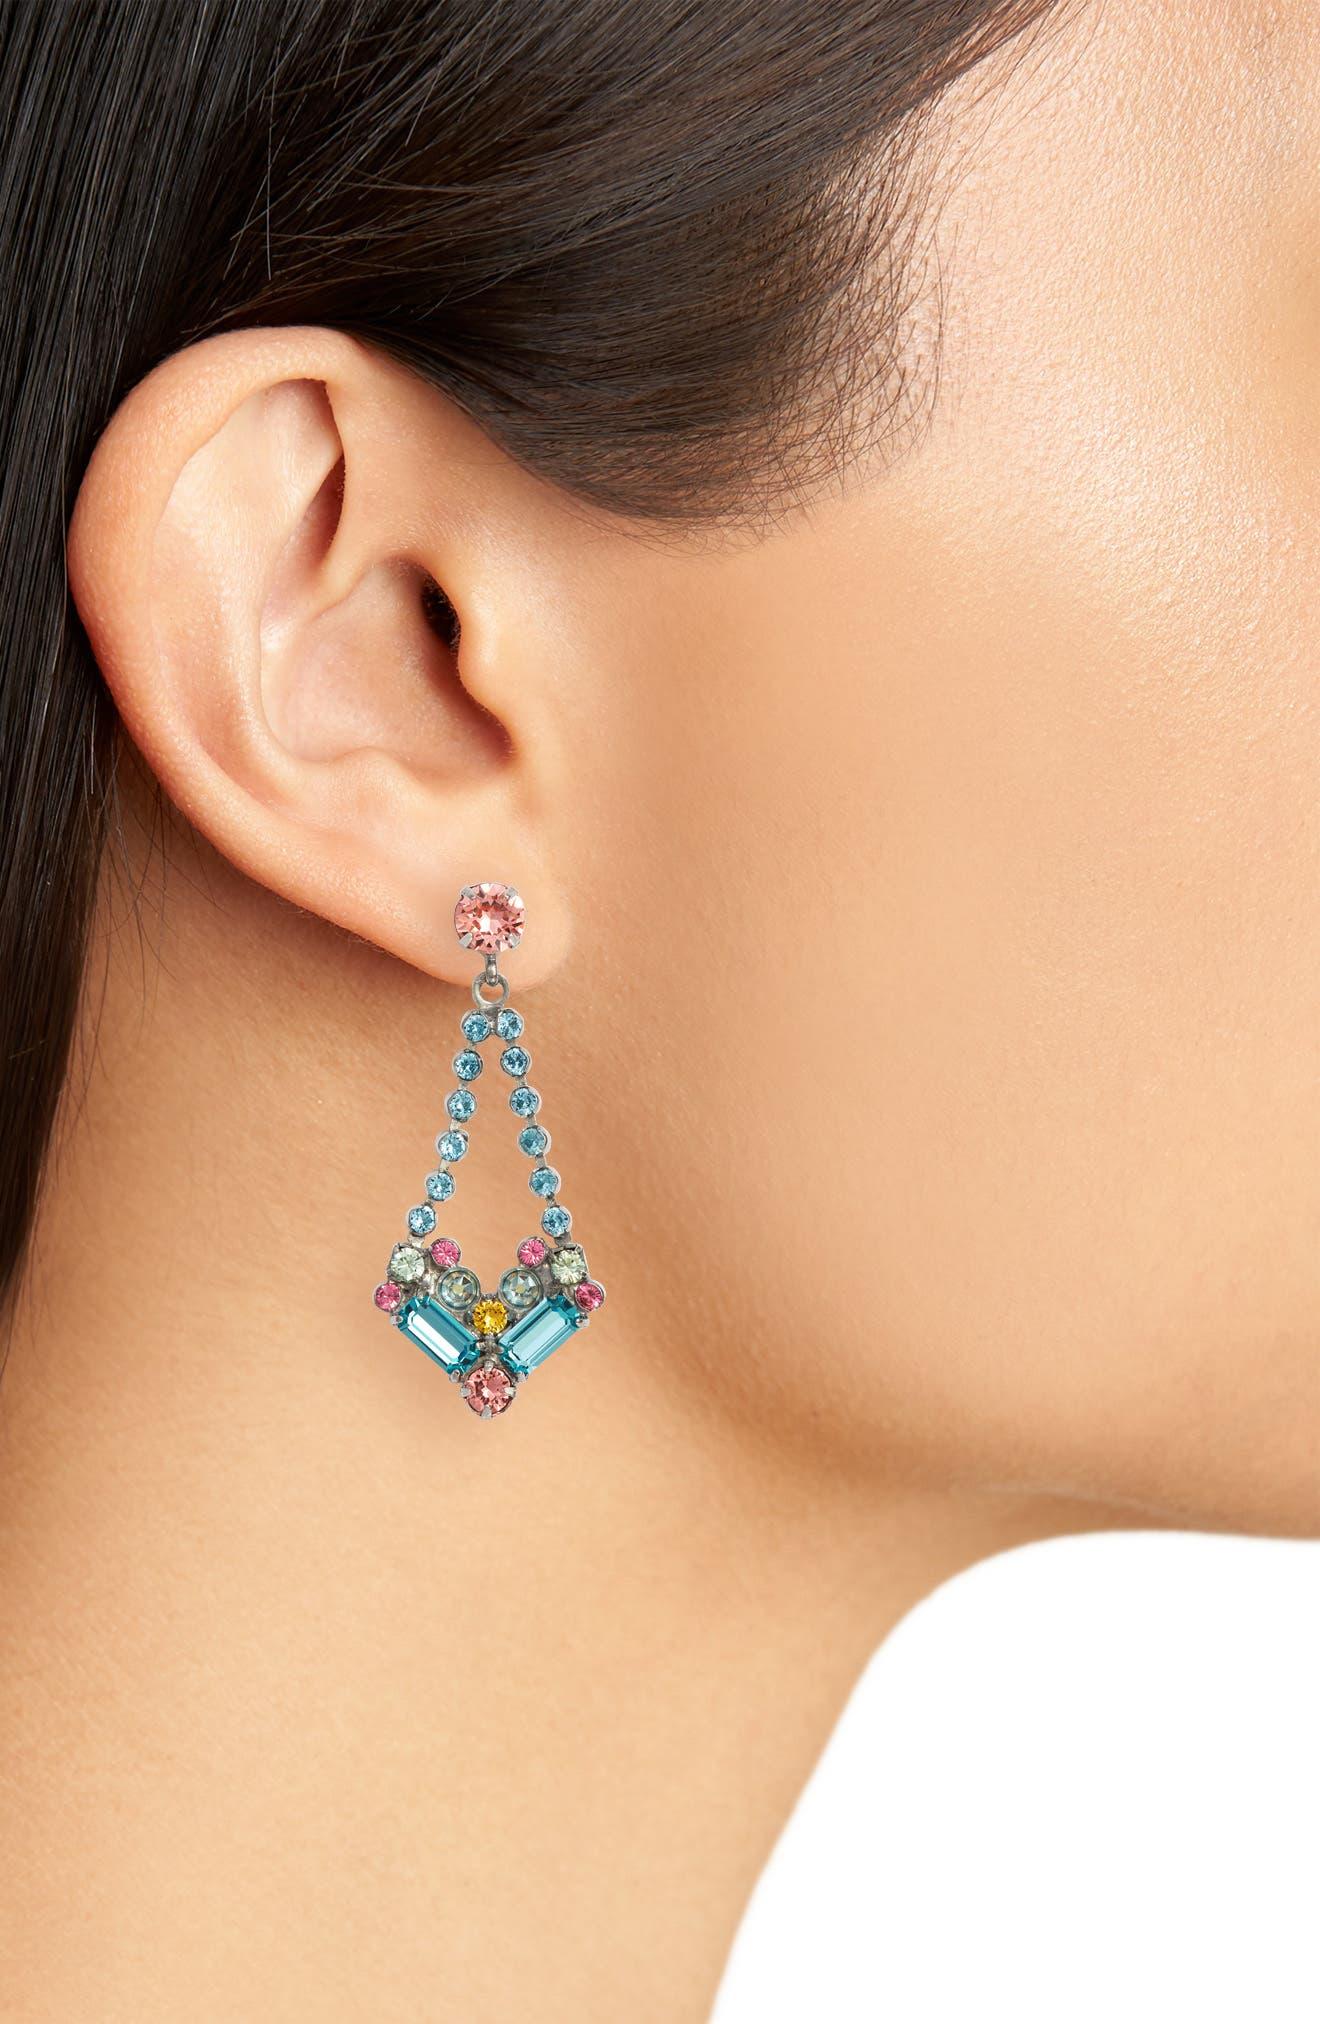 Kalmia Earrings,                             Alternate thumbnail 2, color,                             Aqua/ Pink/ Green